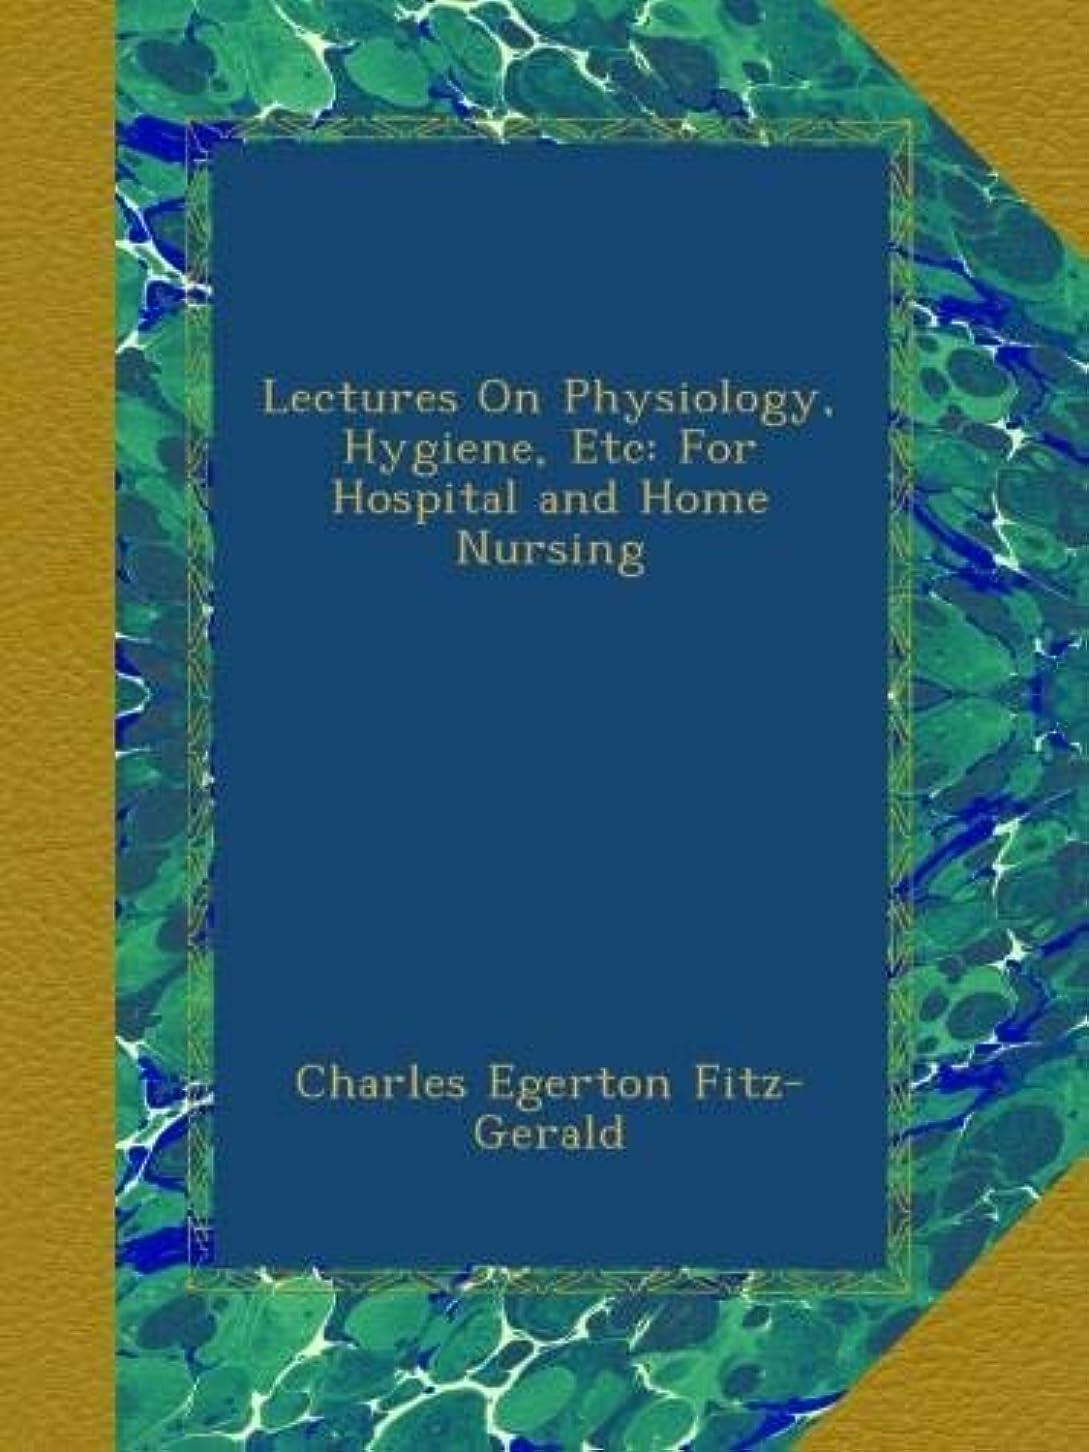 操る環境保護主義者動かないLectures On Physiology, Hygiene, Etc: For Hospital and Home Nursing